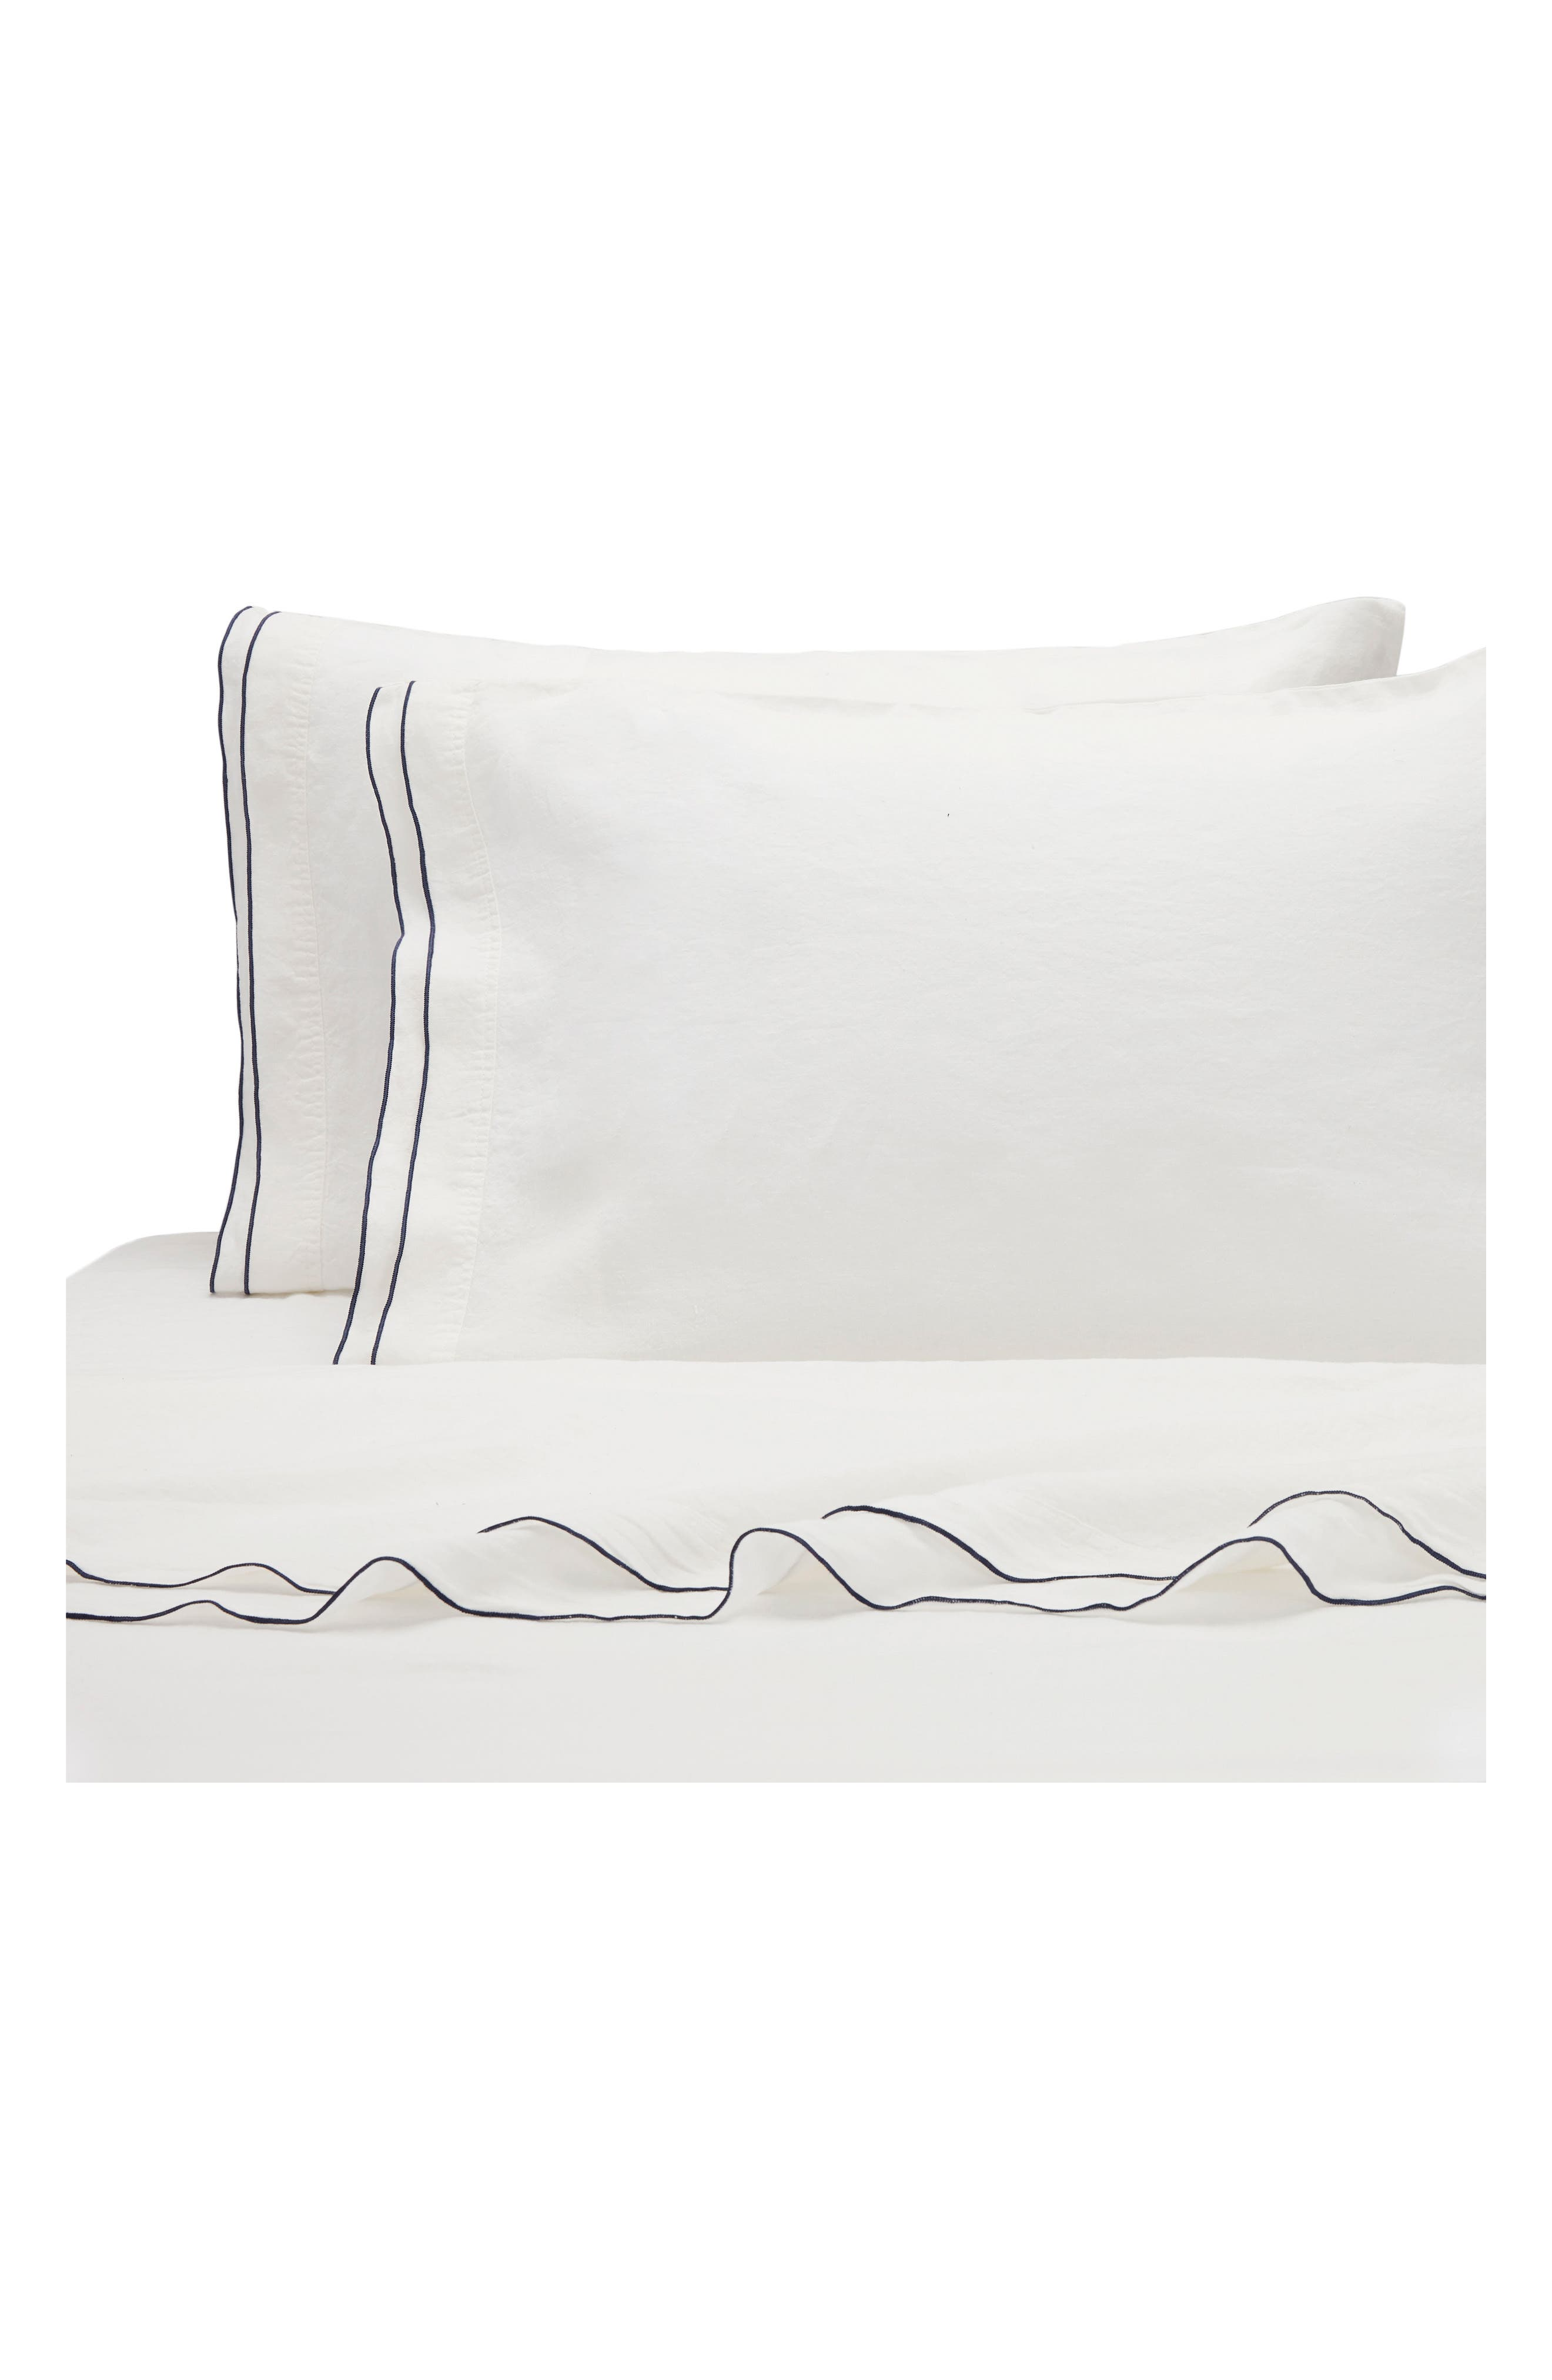 KASSATEX Biarritz Linen 300 Thread Count Pillowcase